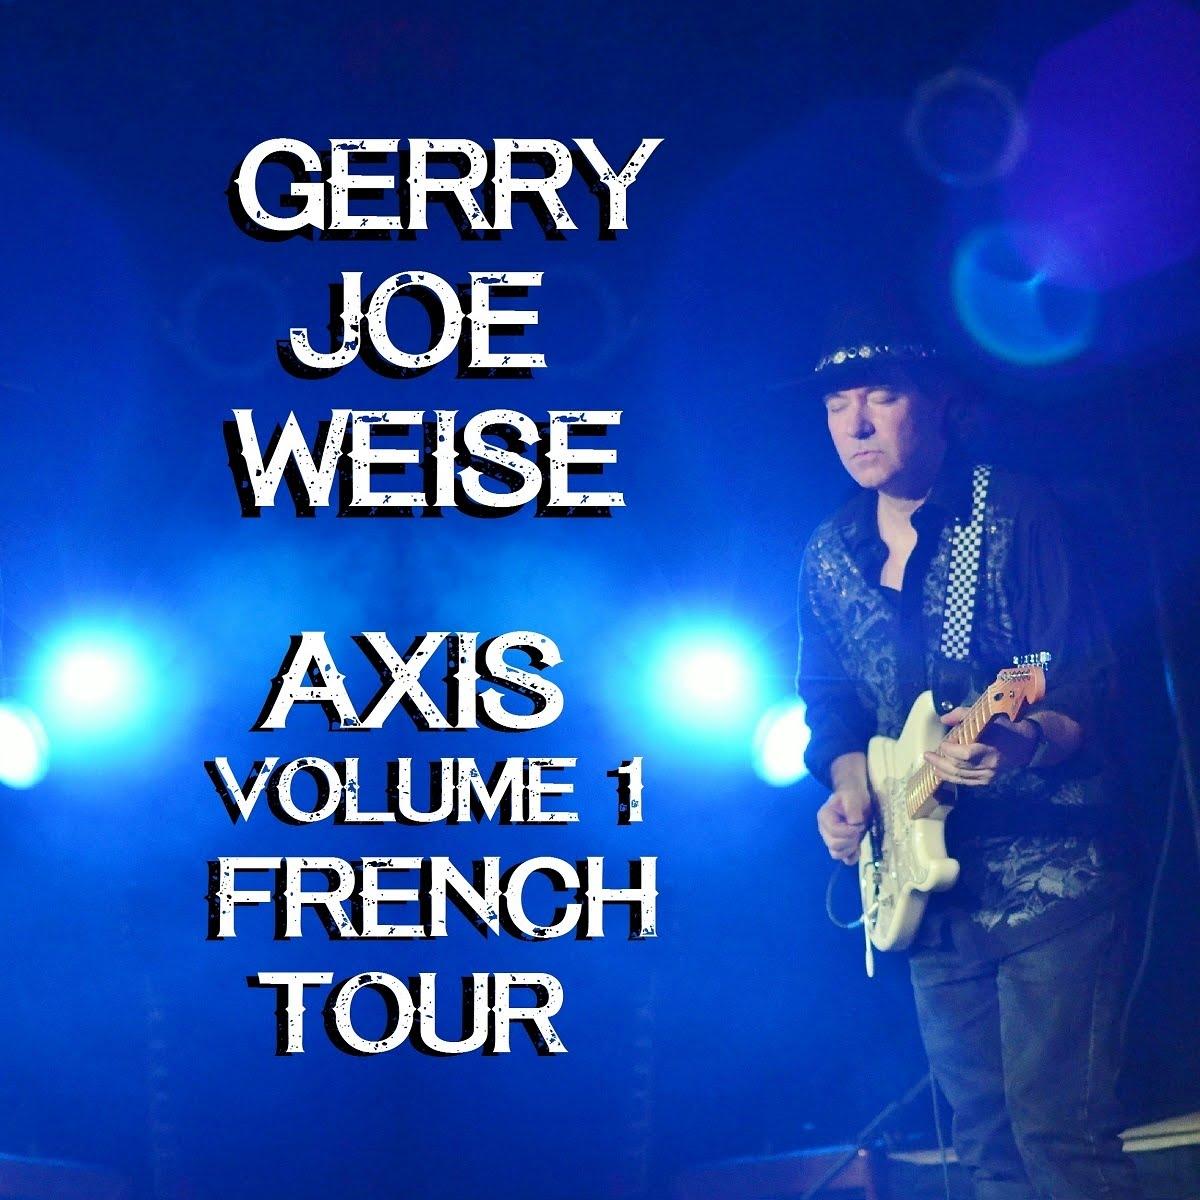 Axis Volume 1 French Tour, 2019 album